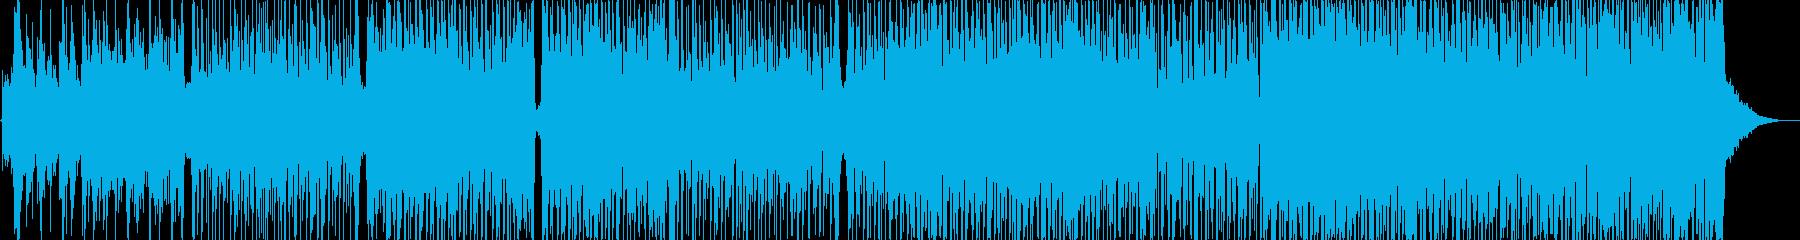 世界 センチメンタル 感情的 パー...の再生済みの波形